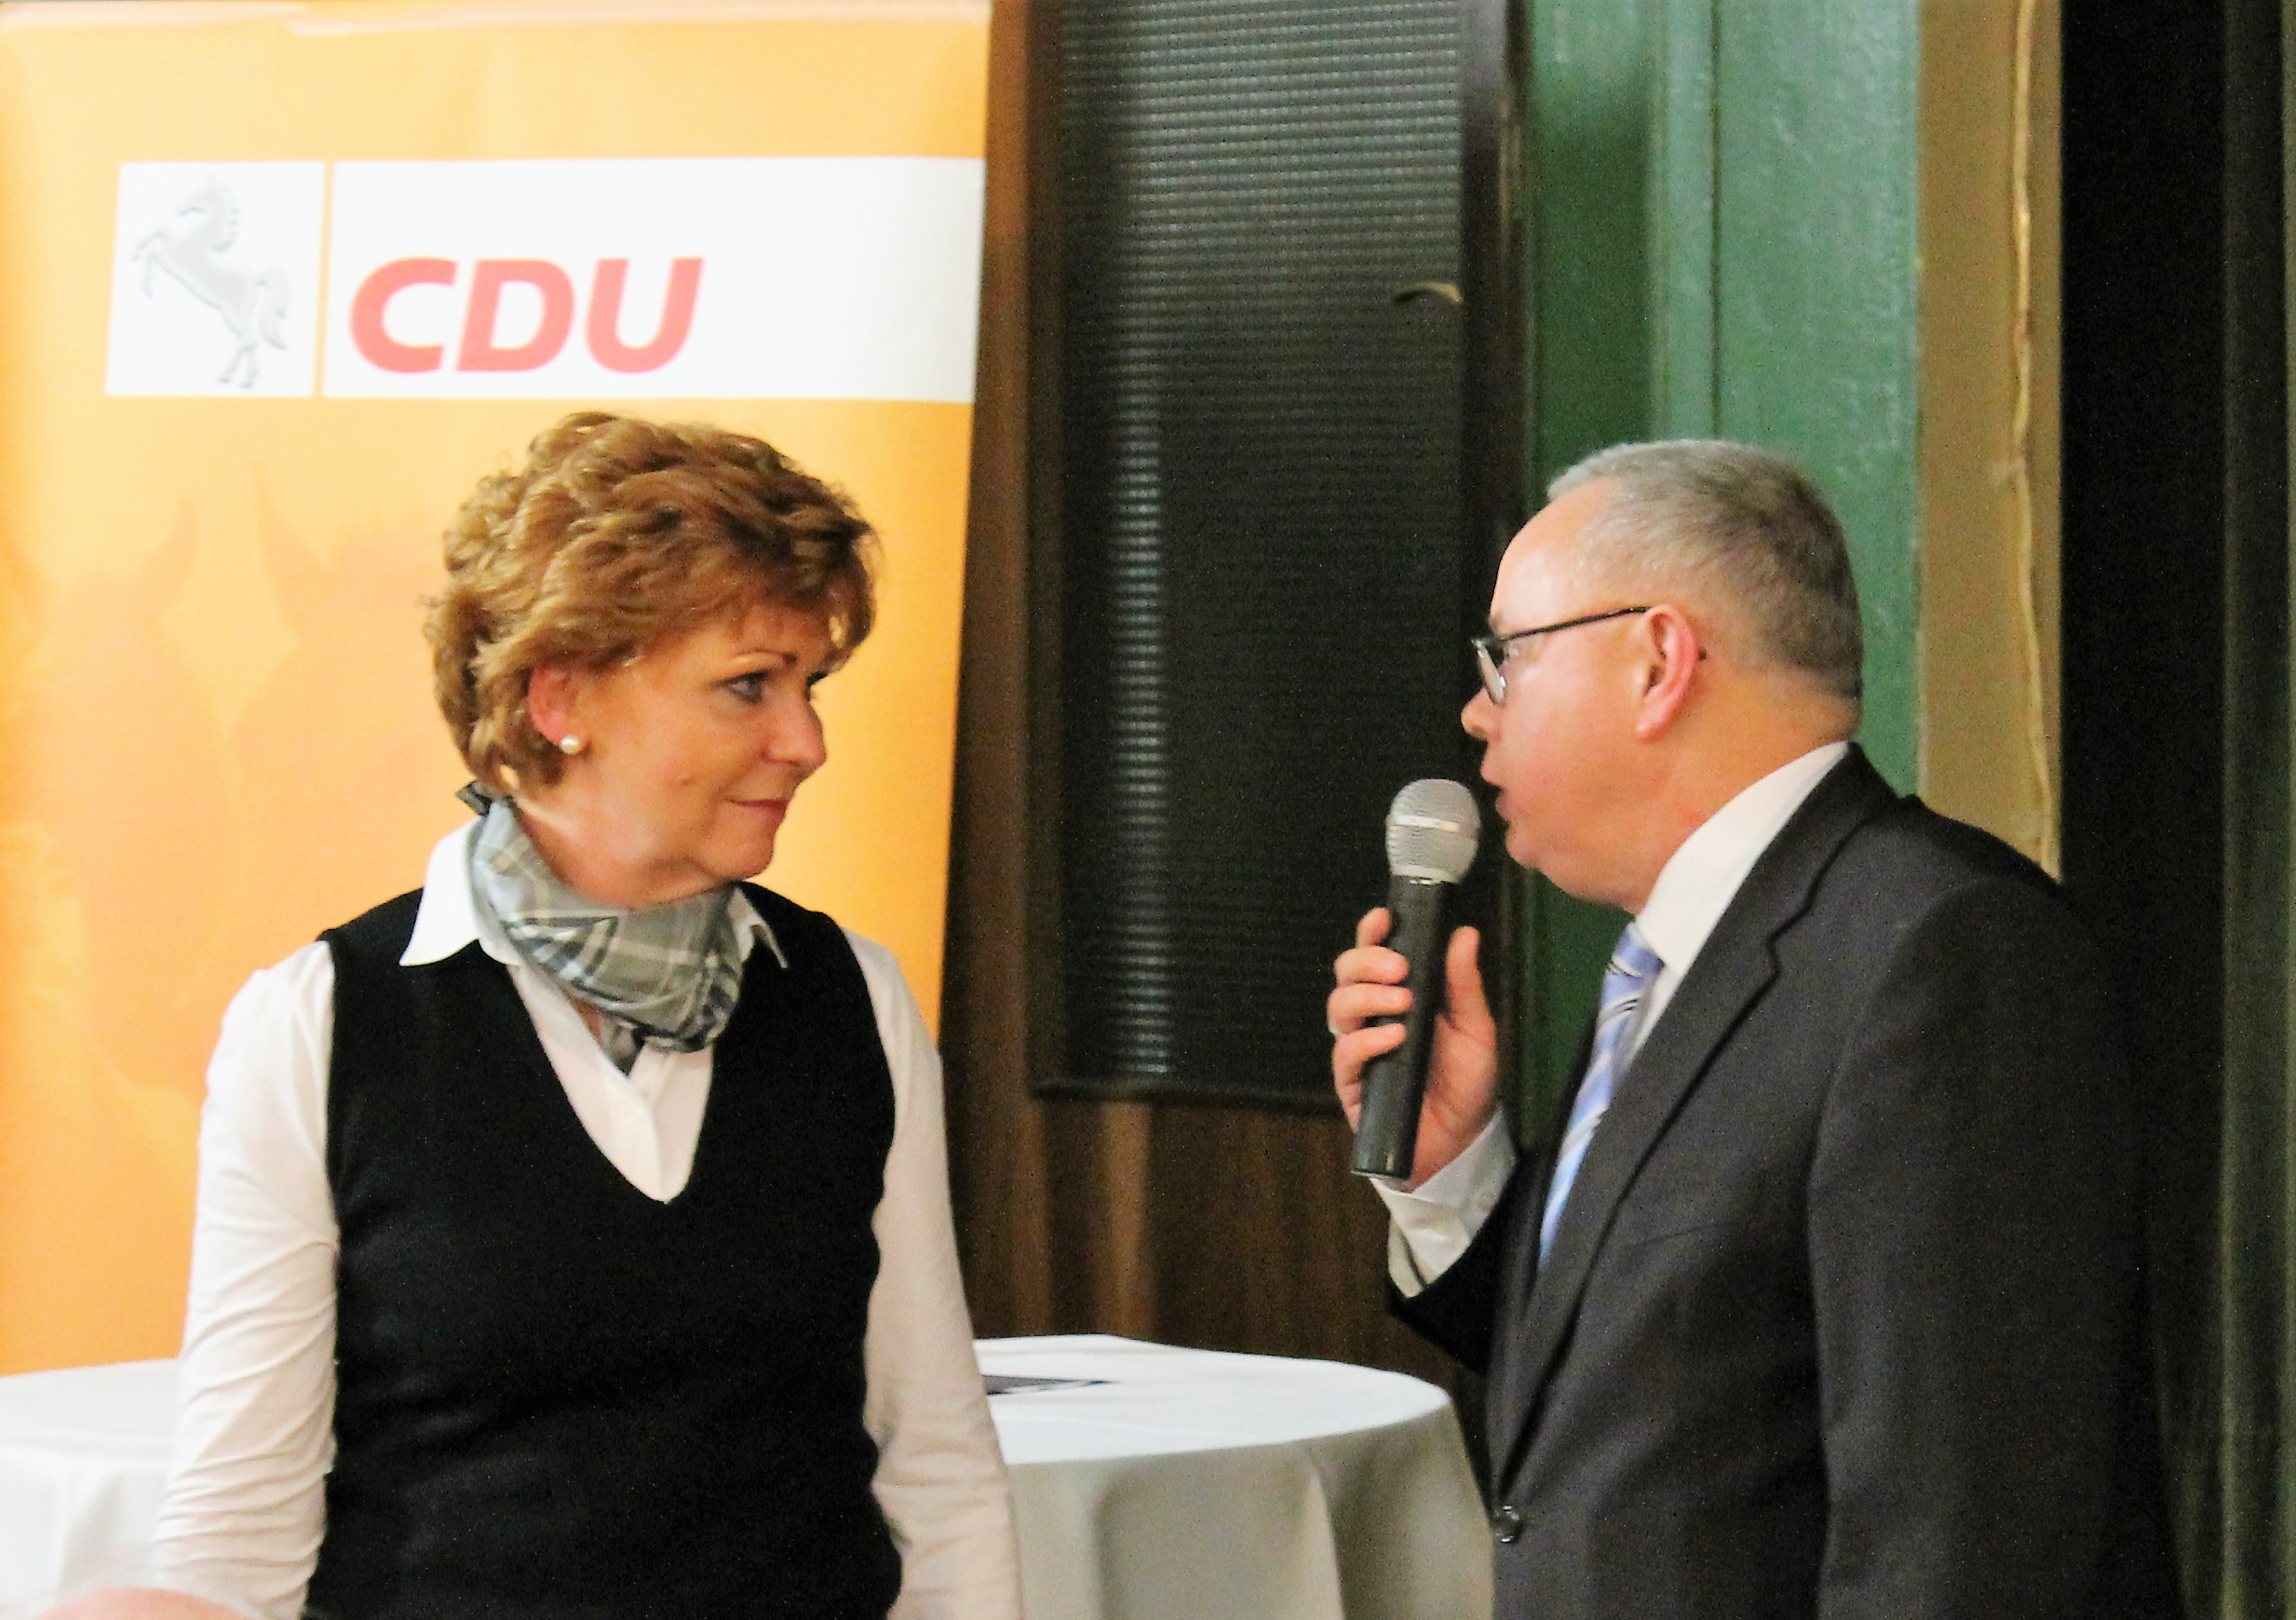 Ministerin Barbara Havliza wird vom CDU-Stadtverbandsvorsitzenden Andreas Meißler interviewt